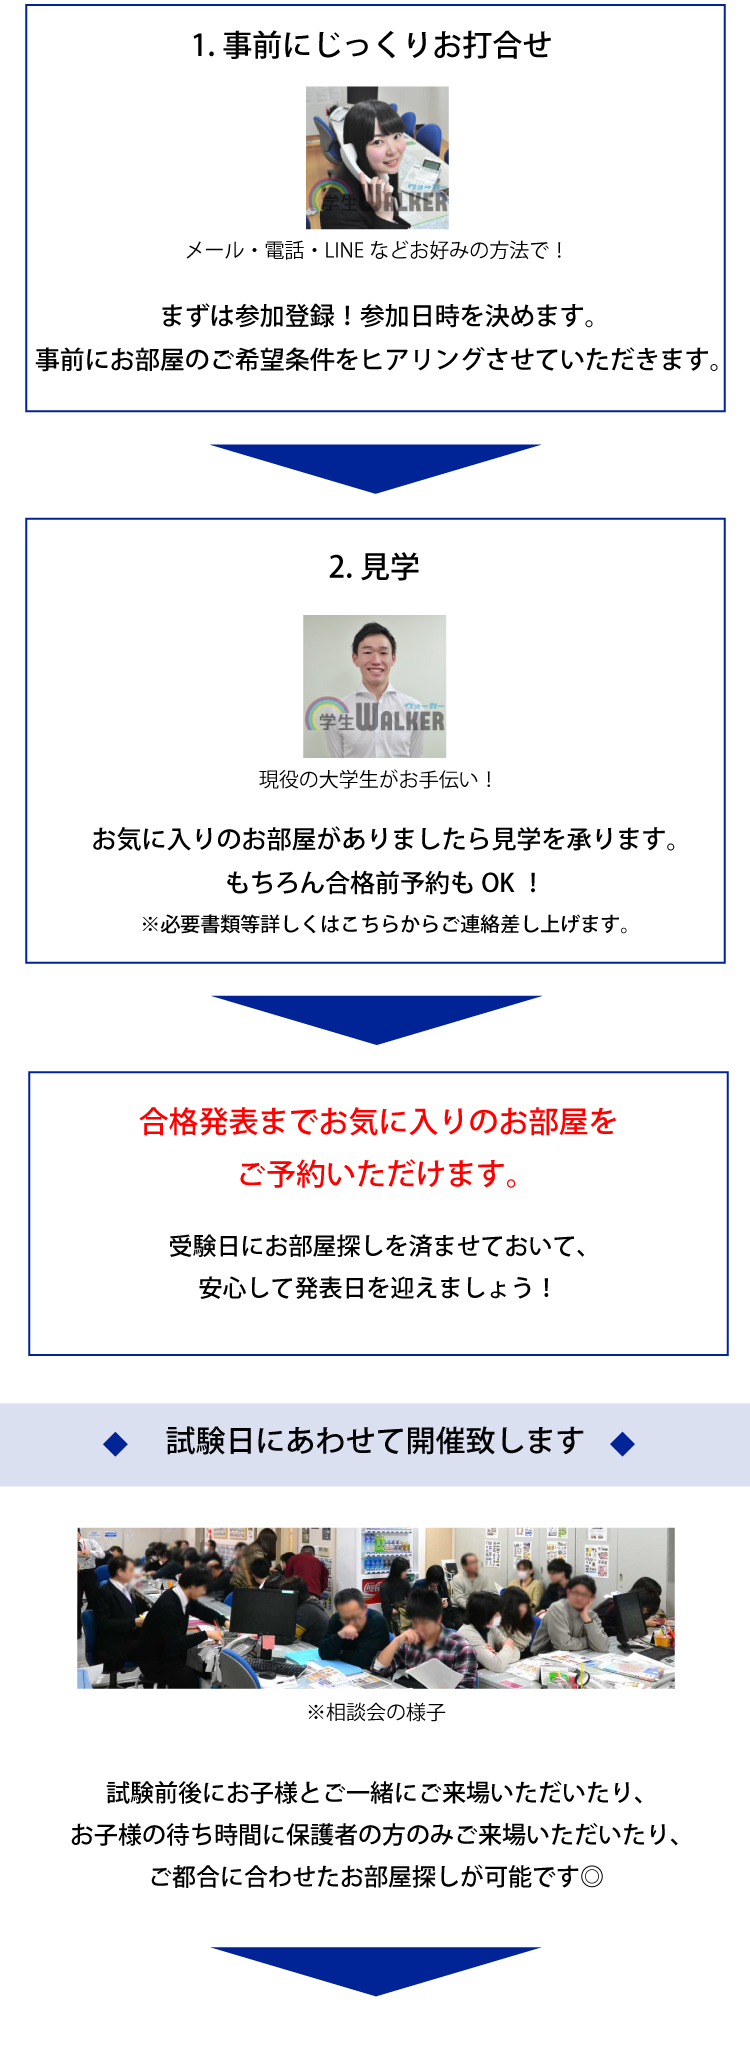 入試 拓殖 大学